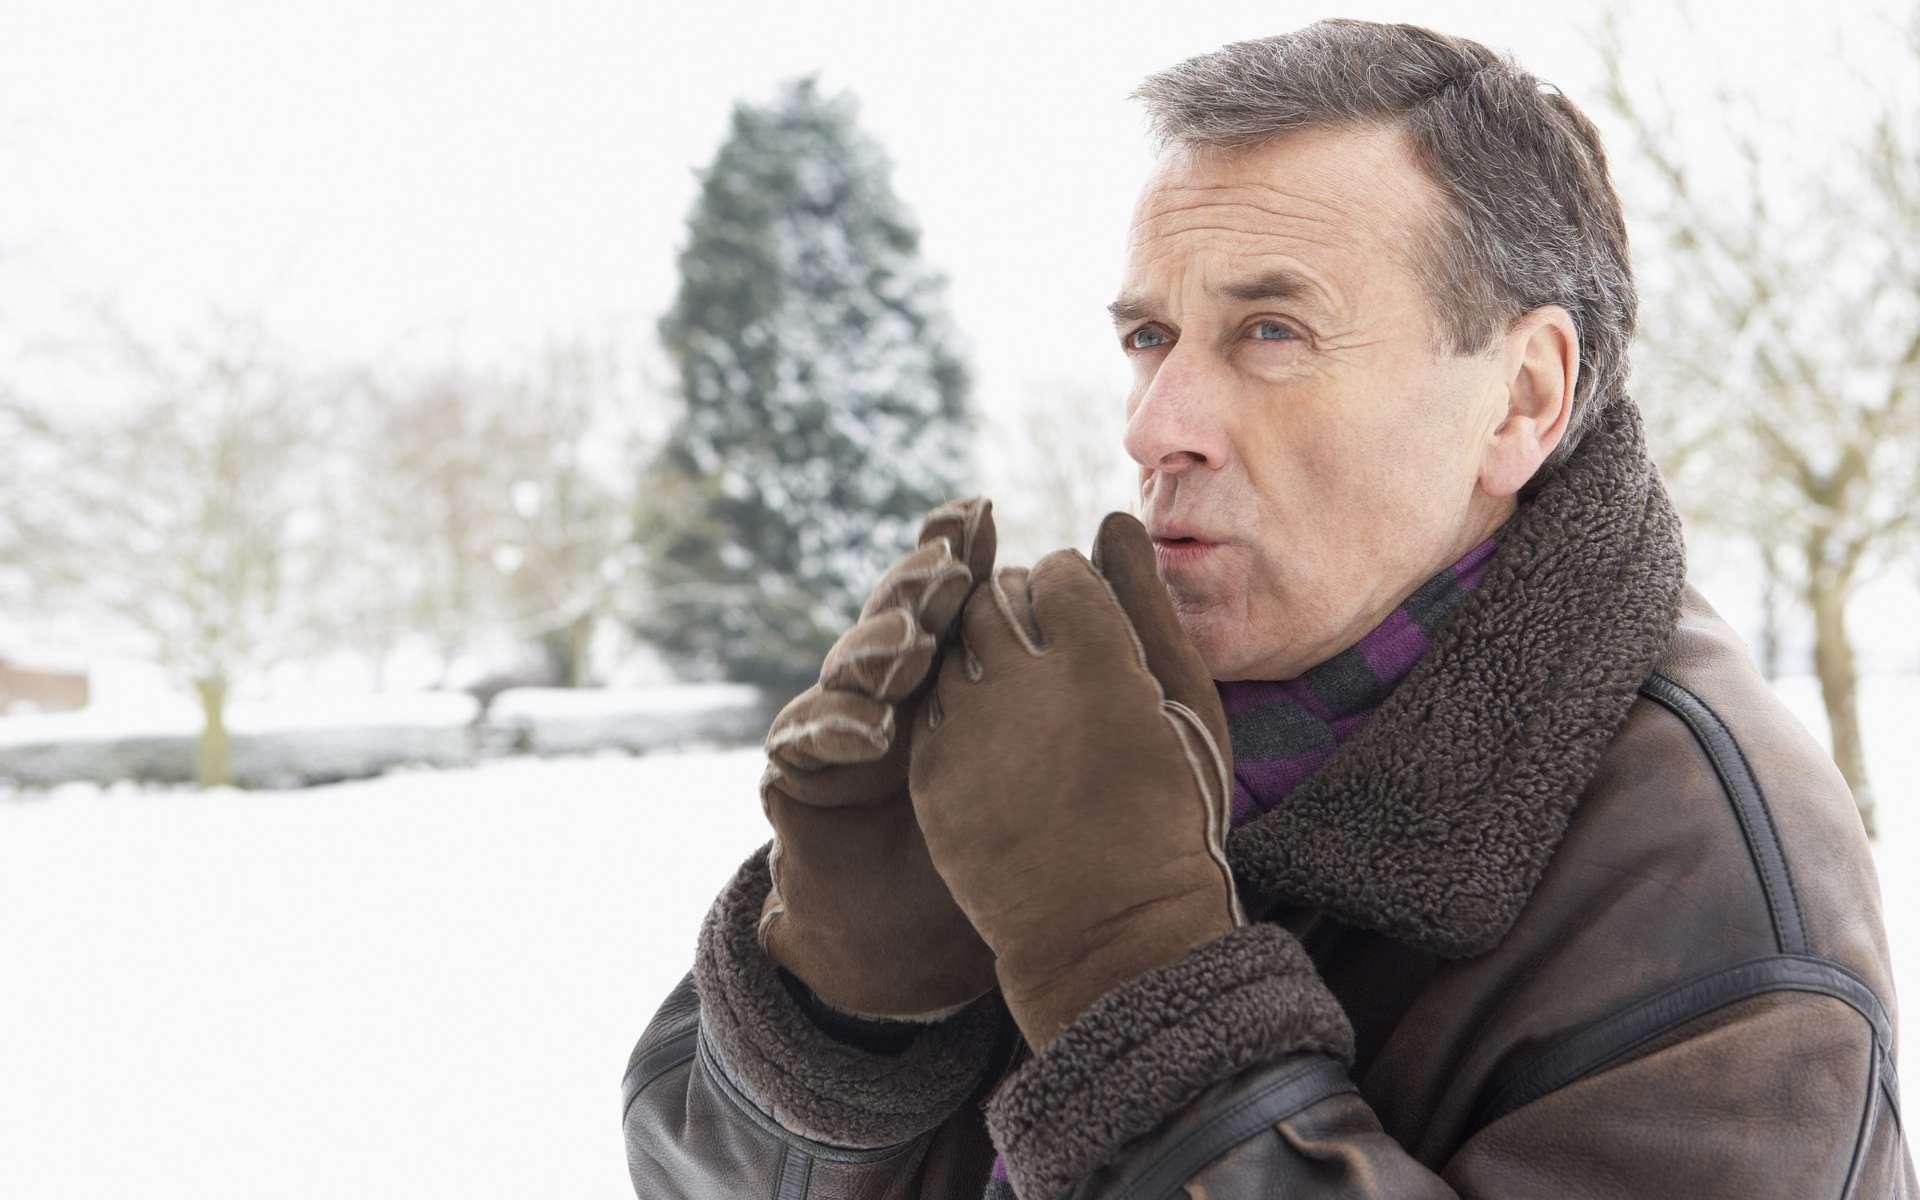 Le claquement de dents est une réponse de notre corps pour lutter contre le froid. © Phovoir